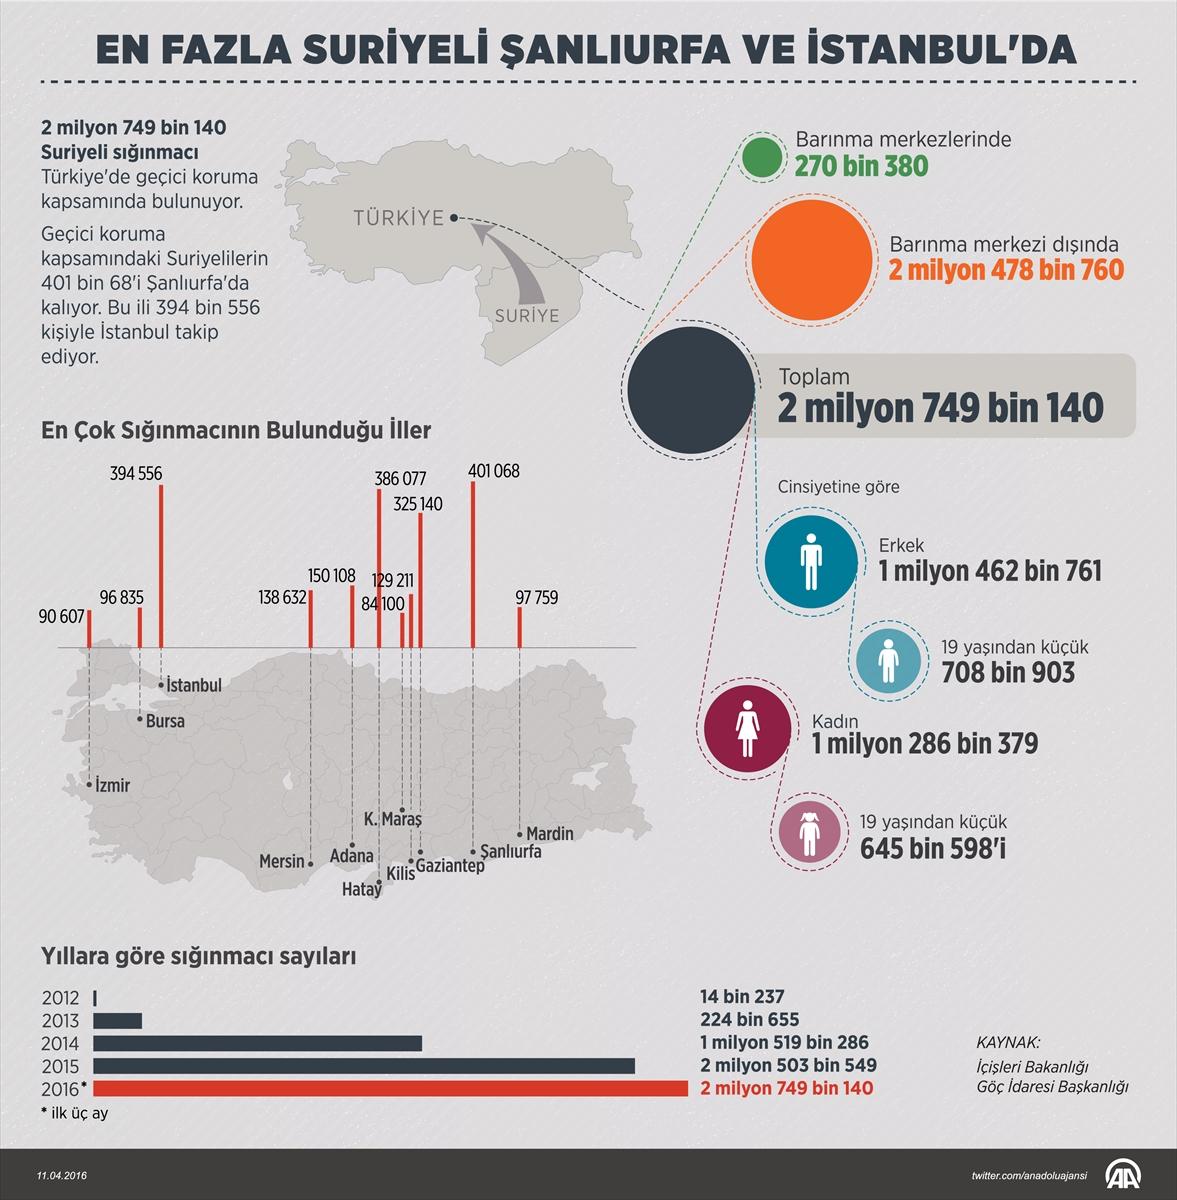 En fazla Suriyeli Şanlıurfa ve İstanbul'da